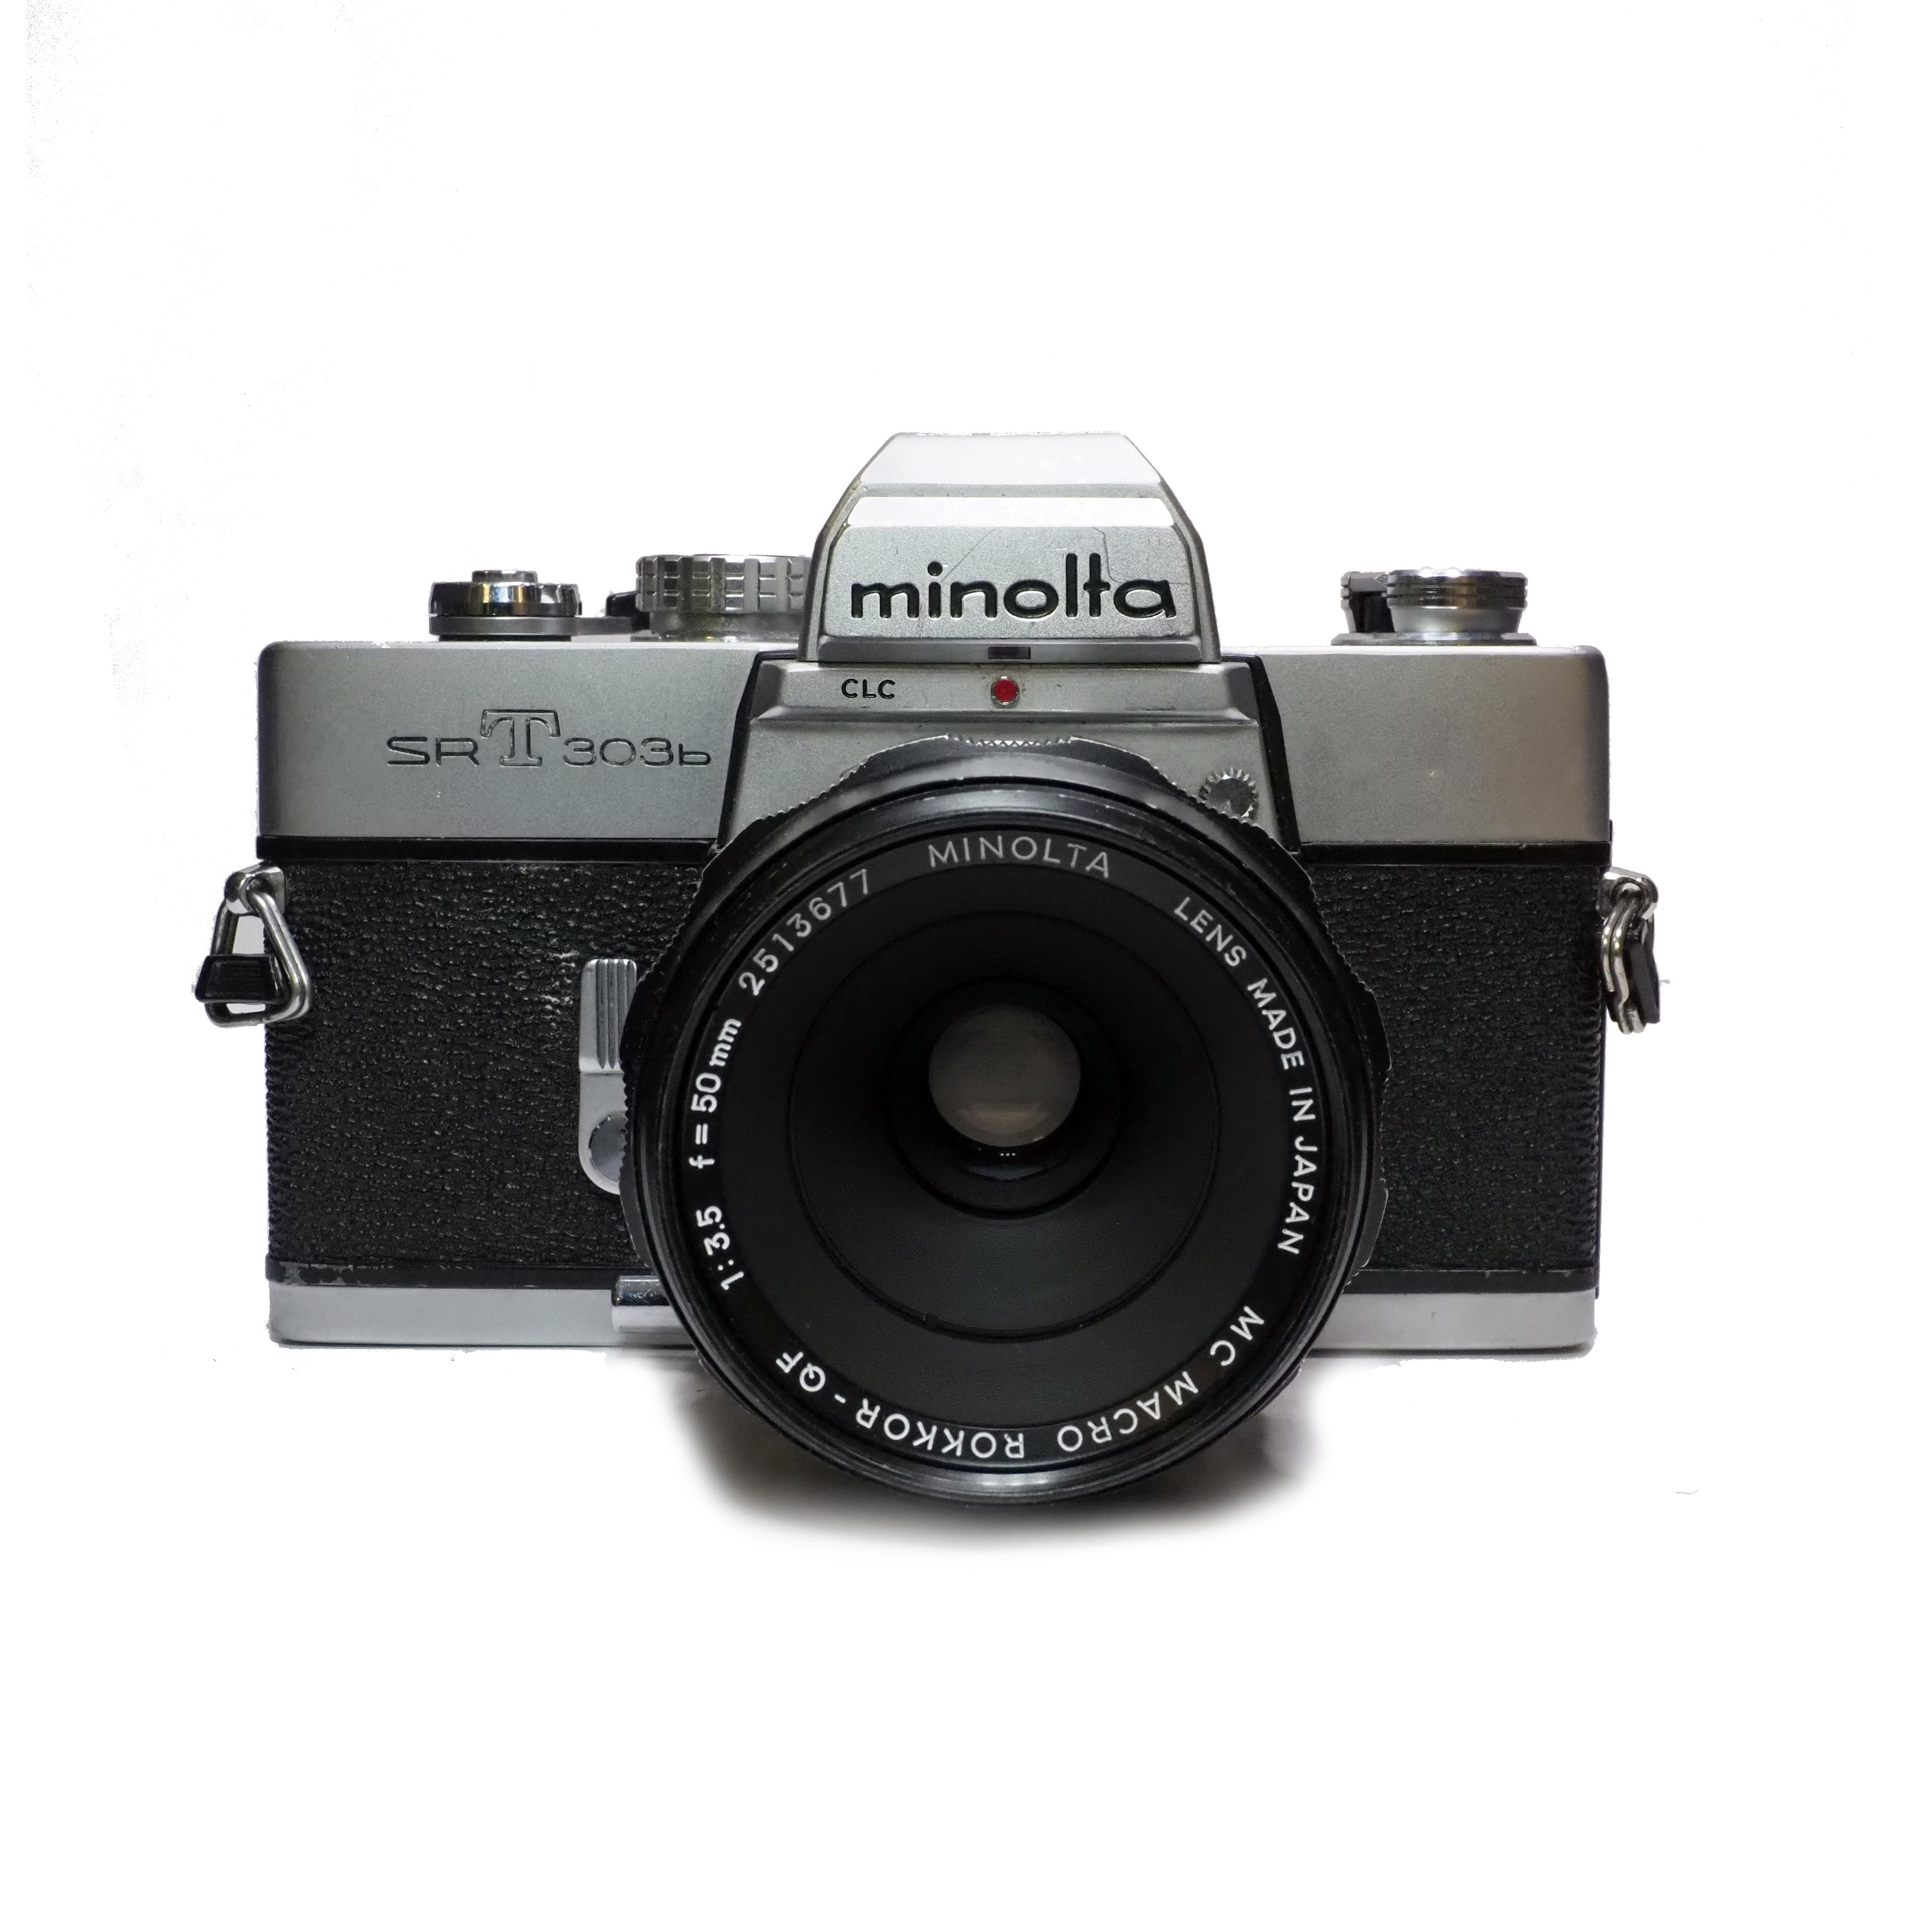 Minolta SRT303b inkl. Macro Rokkor 50mm f/3,5 - BEGAGNAT